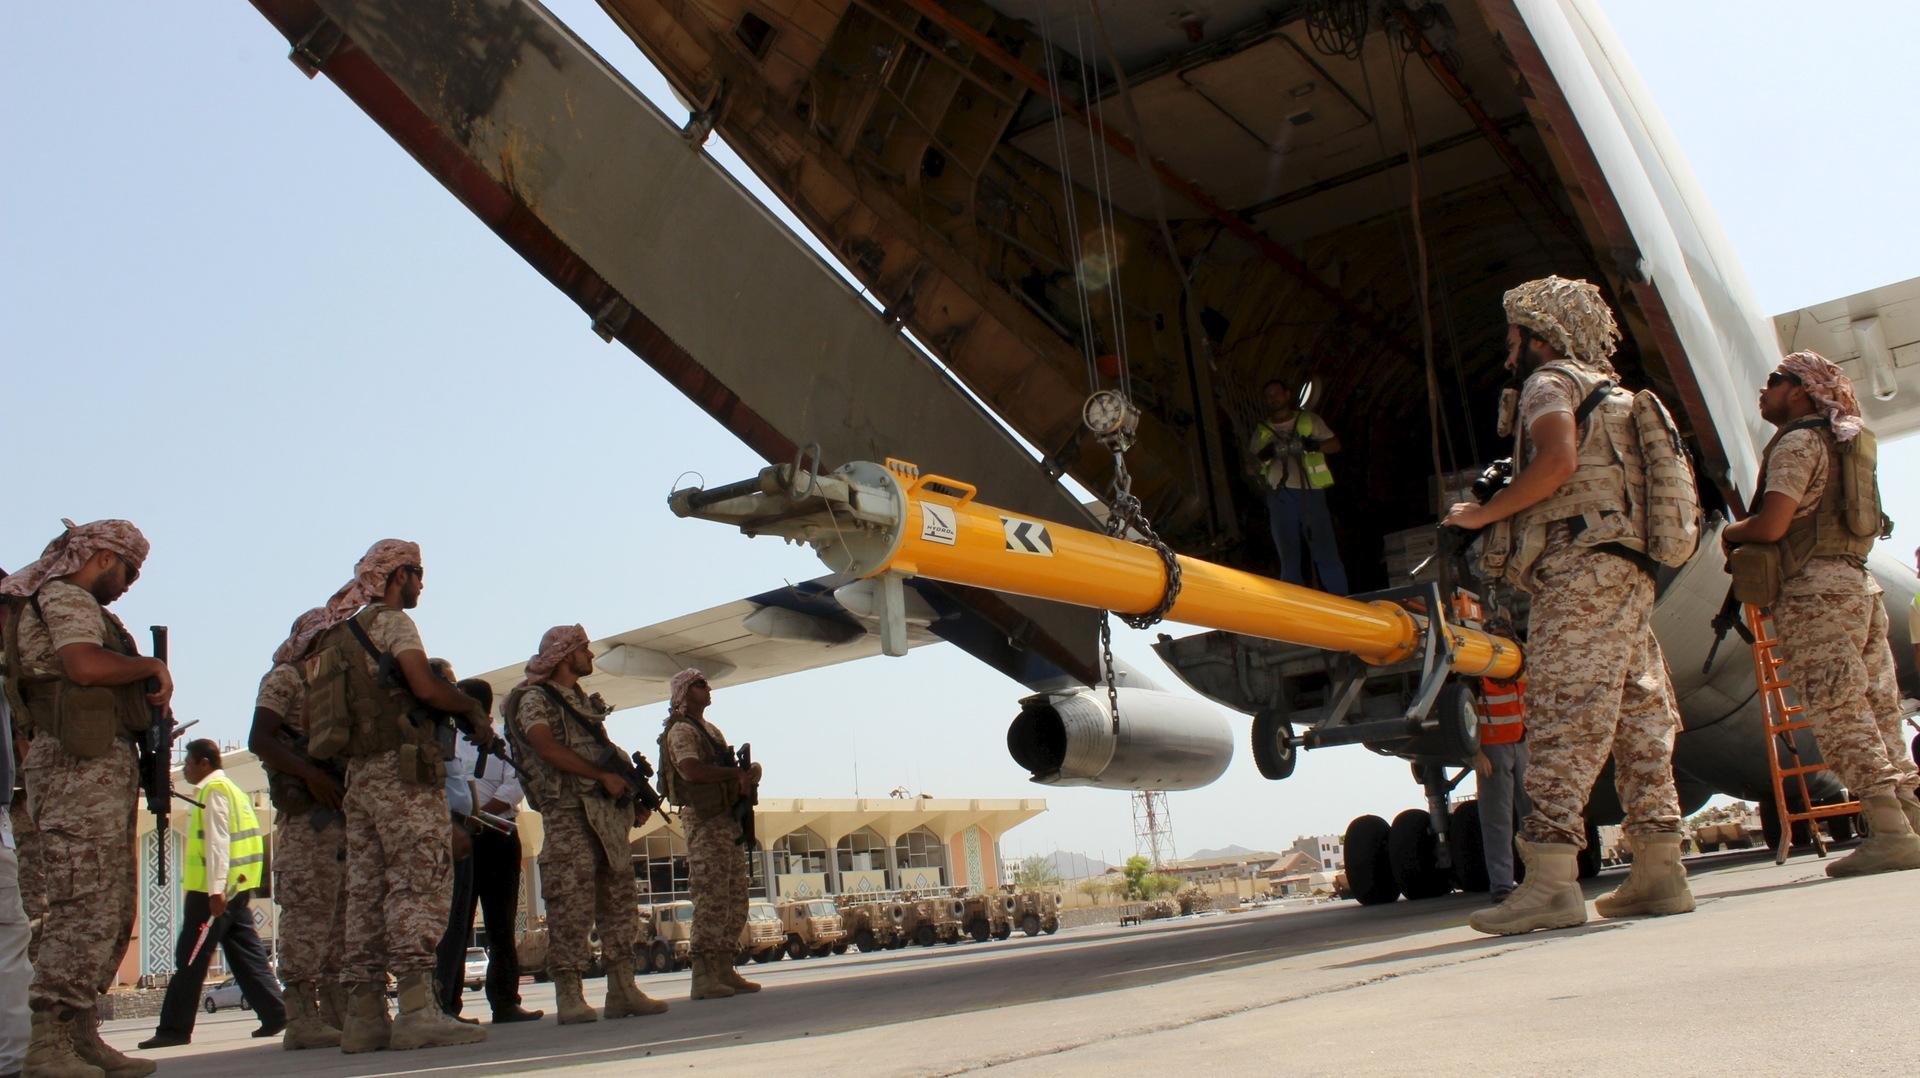 التحالف العربي: دمرنا طائرة مسيرة مفخخة أطلقها الحوثيون